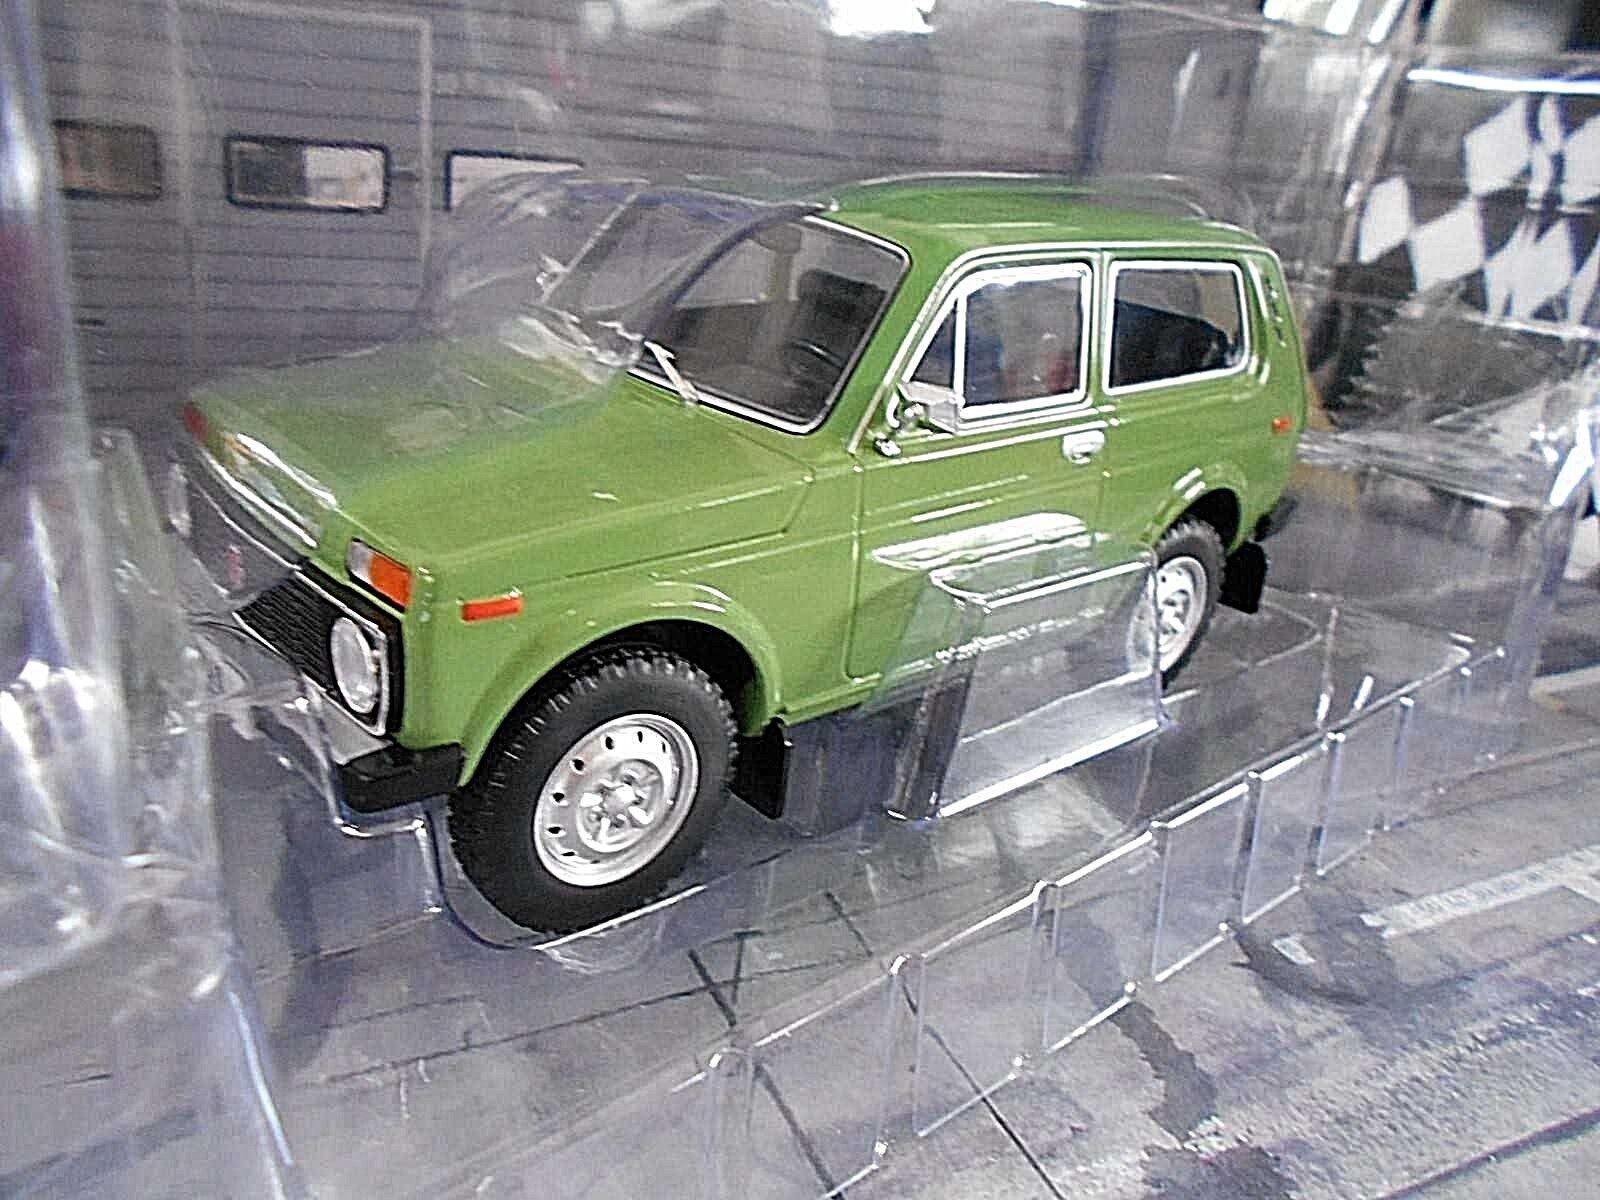 LADA Niva 4x4 Geländewagen Russia SUV grün Grün 1976 MCG SP 1 18  | Moderner Modus